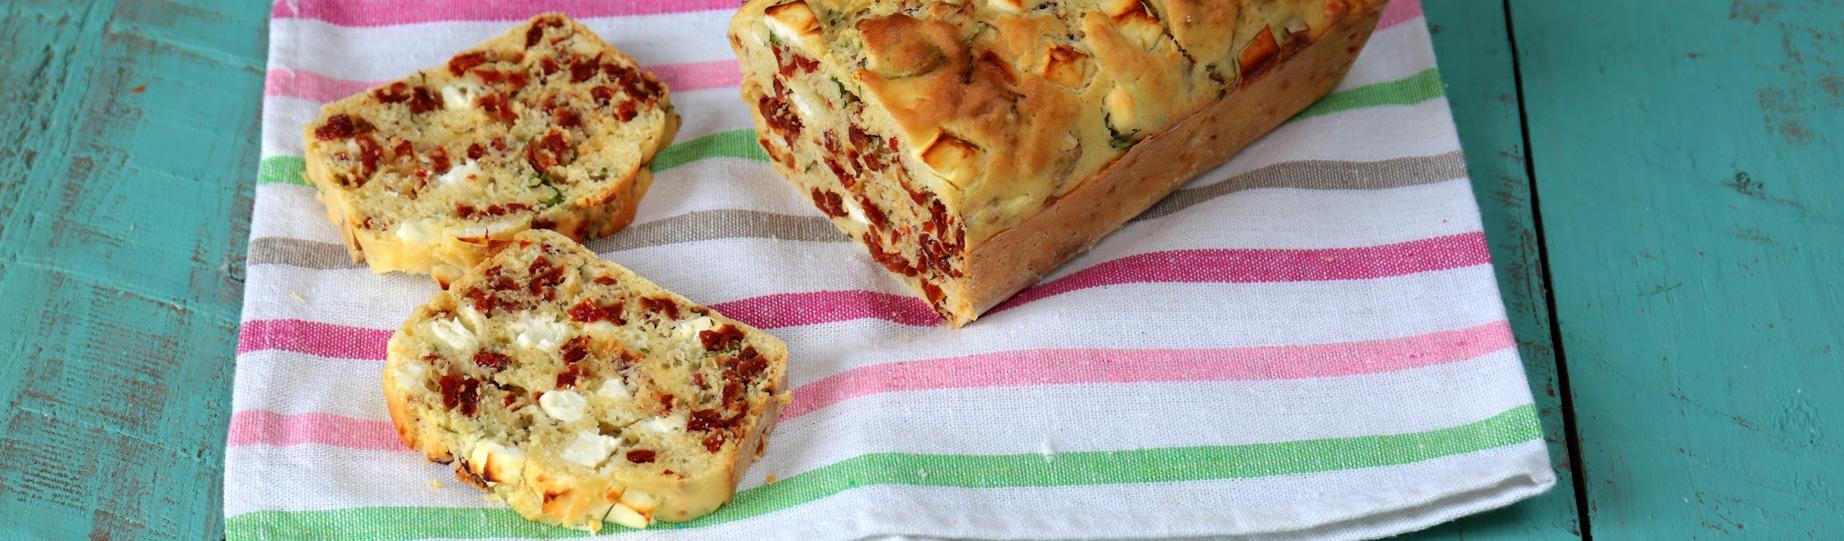 Cake provenzale con pomodorini secchi